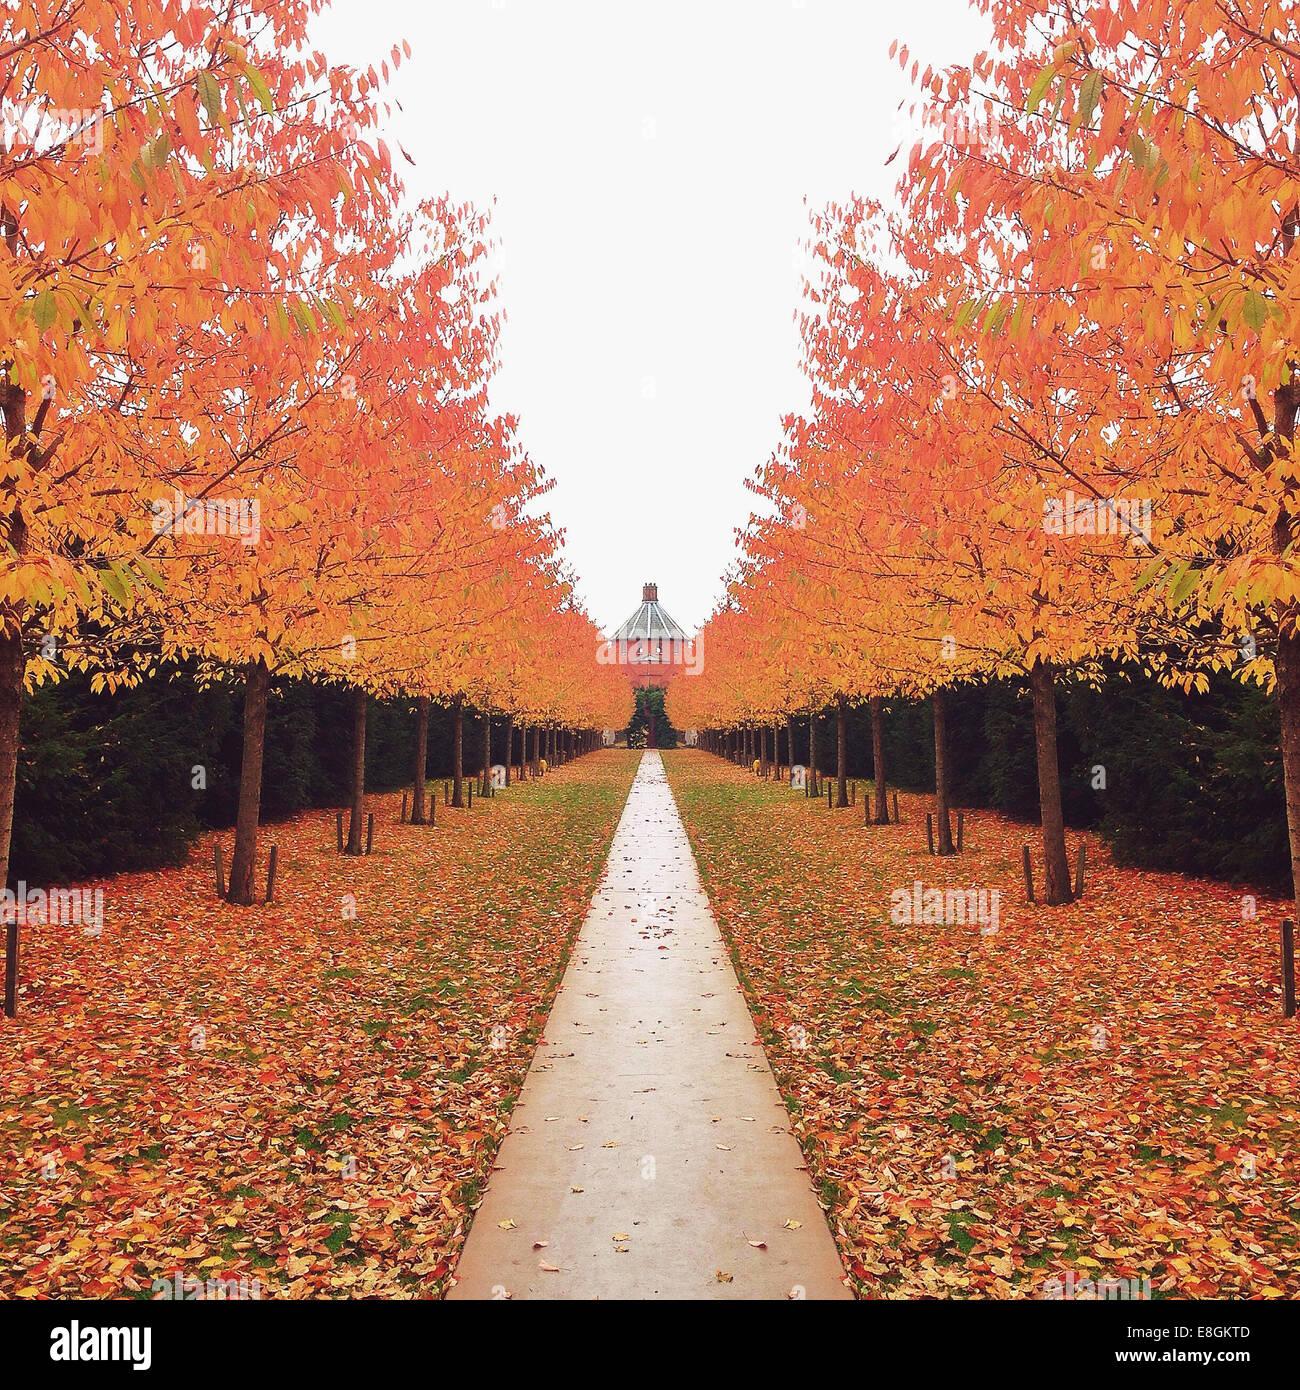 Dänemark, Kopenhagen, Bäumen gesäumt Weg im Herbst Stockbild